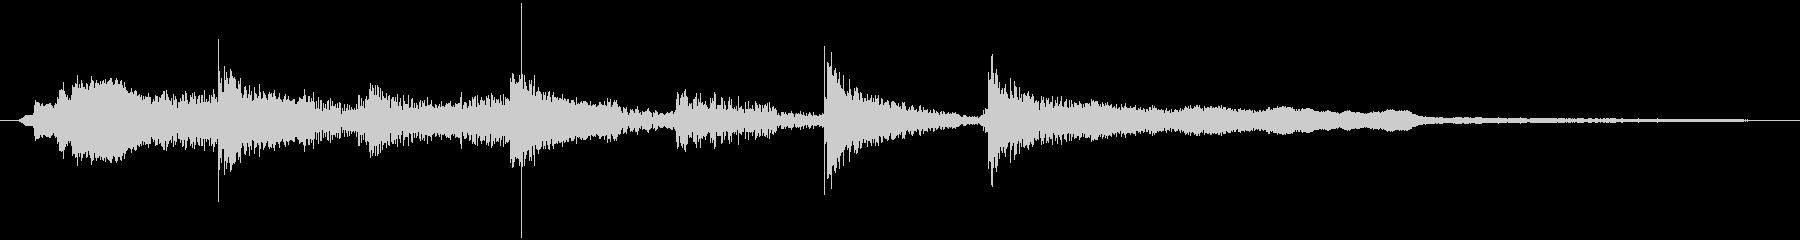 ★口笛メロディーの生音を使用したジングルの未再生の波形